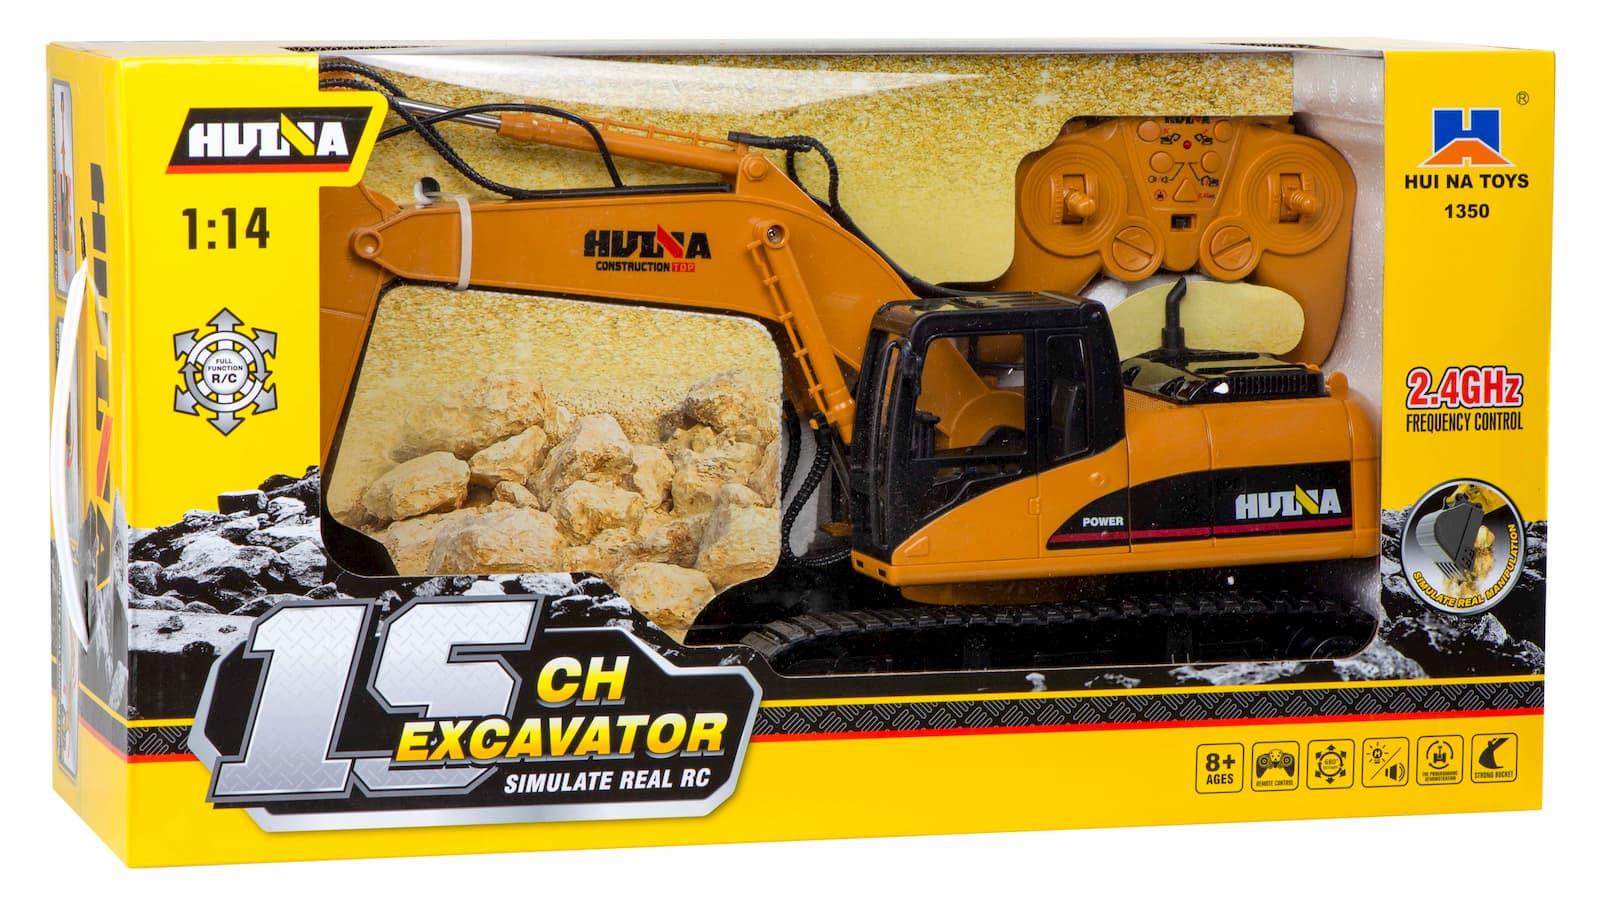 Радиоуправляемый гусеничный экскаватор Hui Na Toys 1:11 «Caterpillar» 1350, 2.4G, металлический